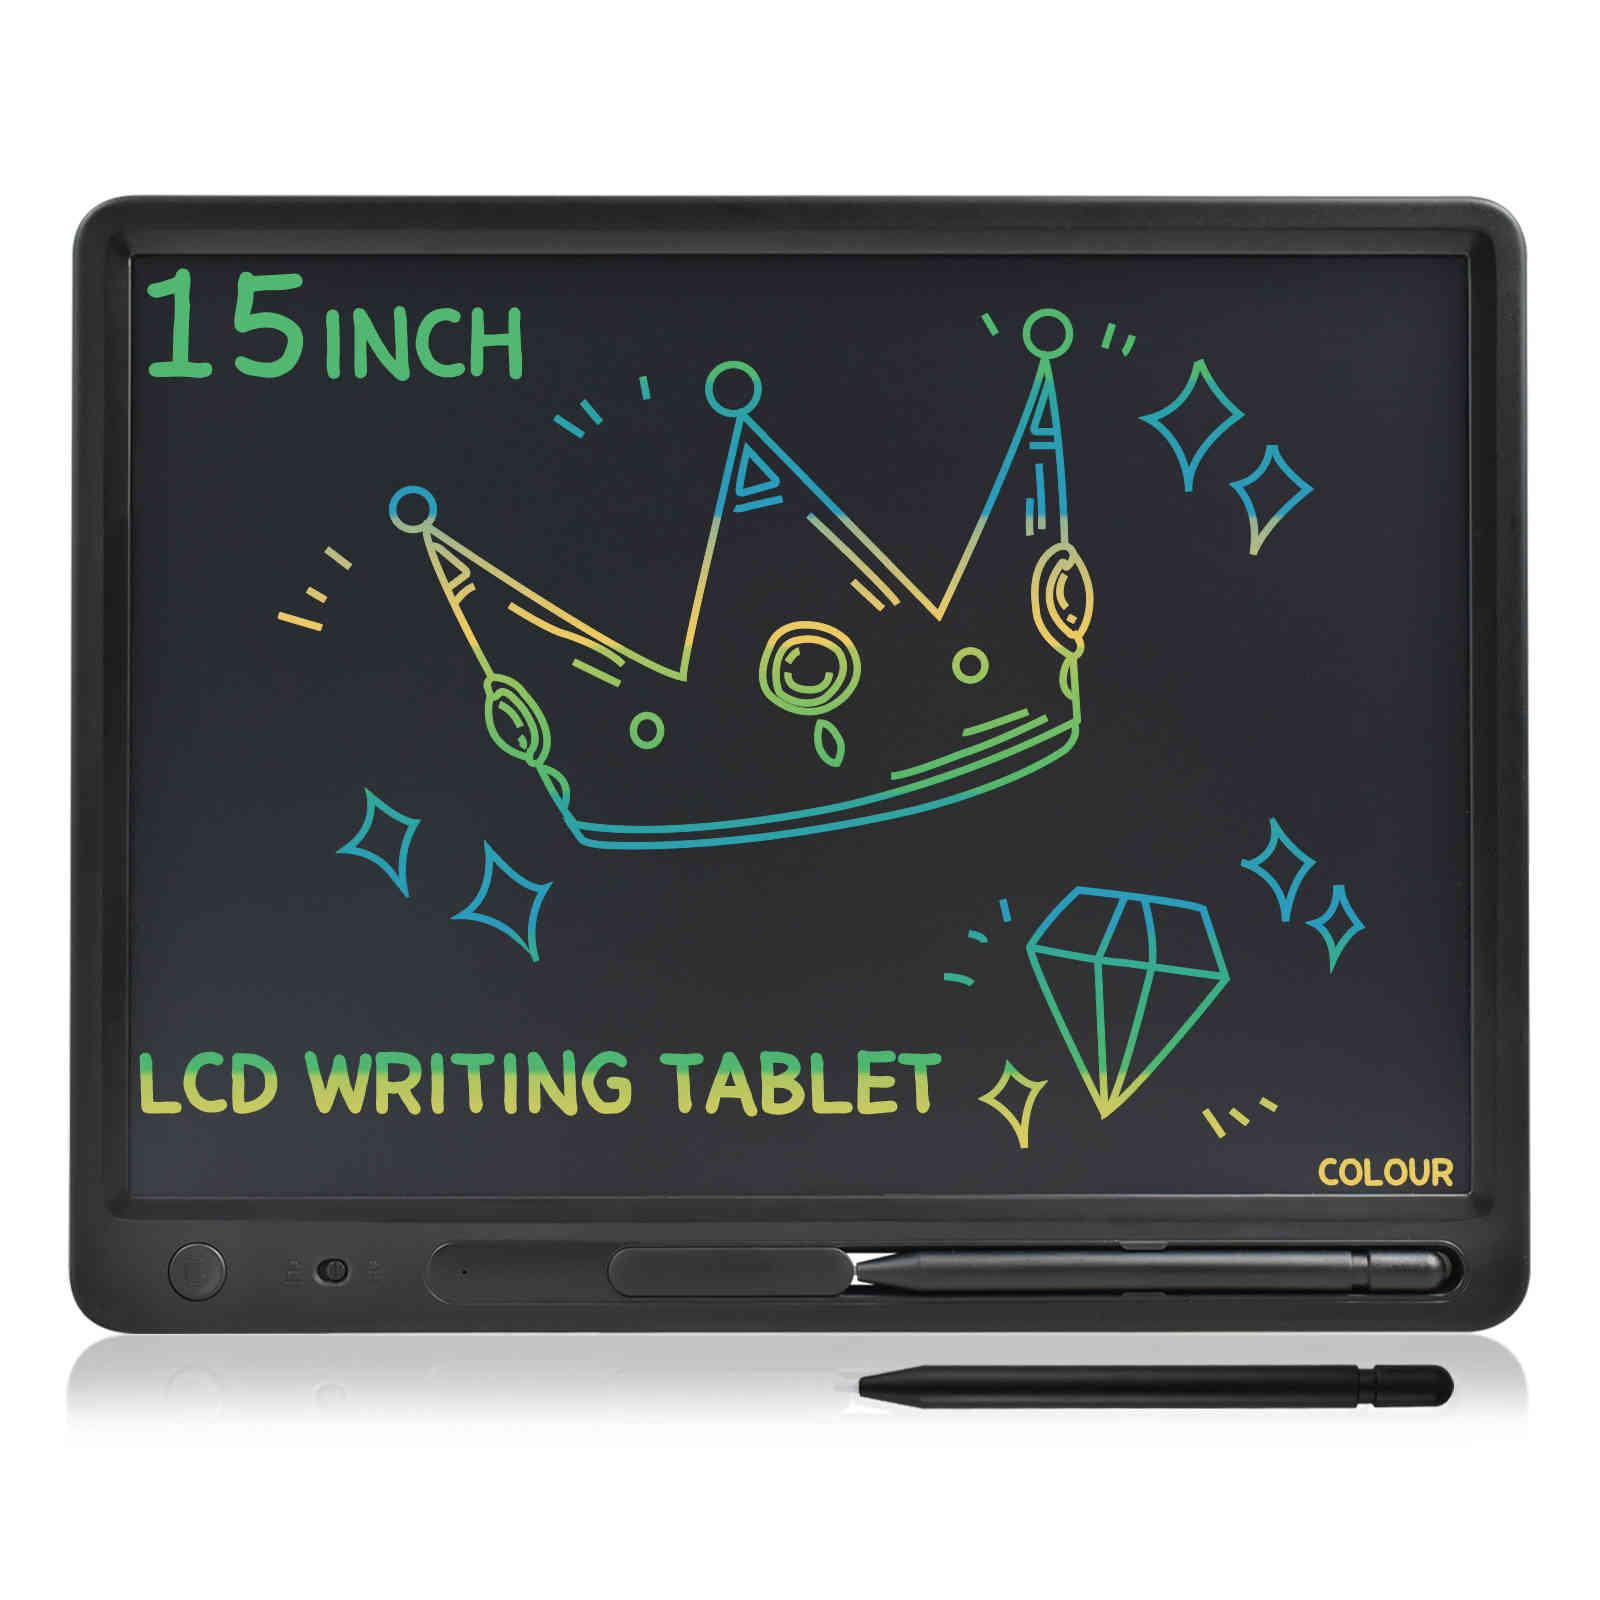 15 pollici grande schermo largo dimensione LCD scrittura tablet tablet imacure pad educazione memo cartellone Adulti notebook Business Bambini disegno giocattoli 210330